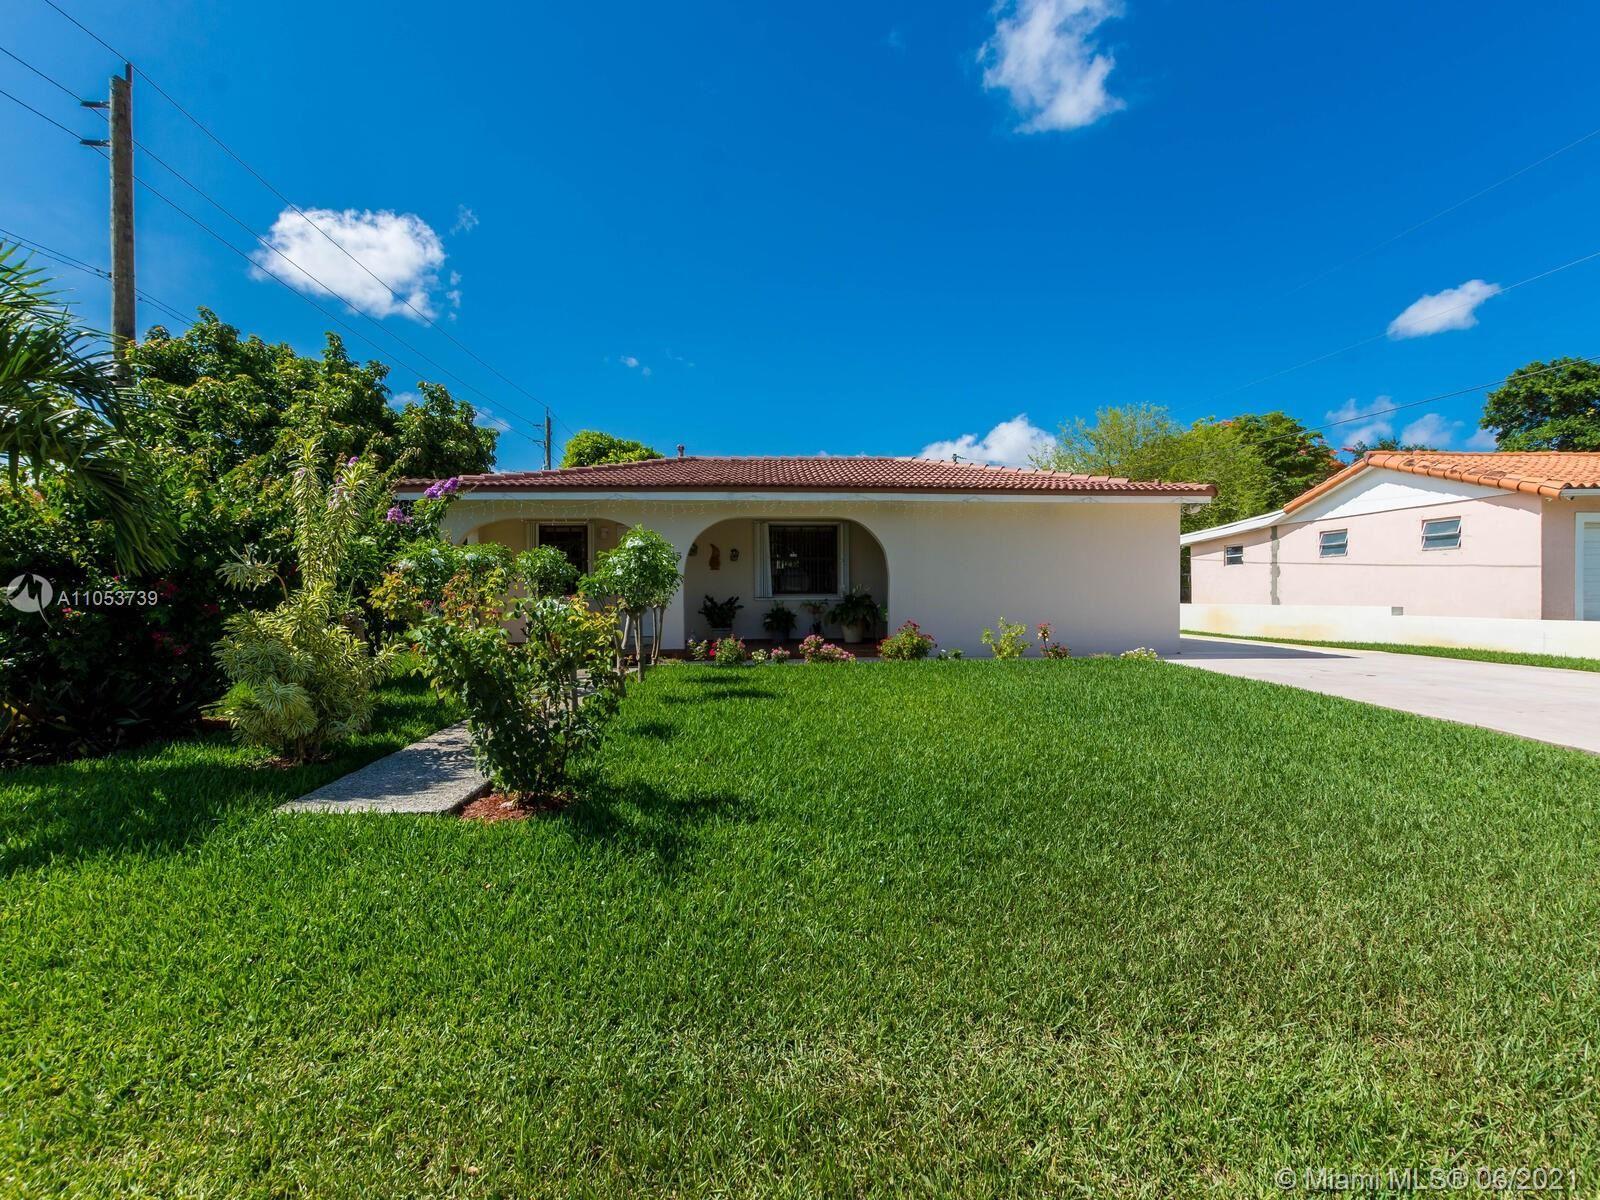 6635 SW 45th St, Miami, FL 33155 - #: A11053739